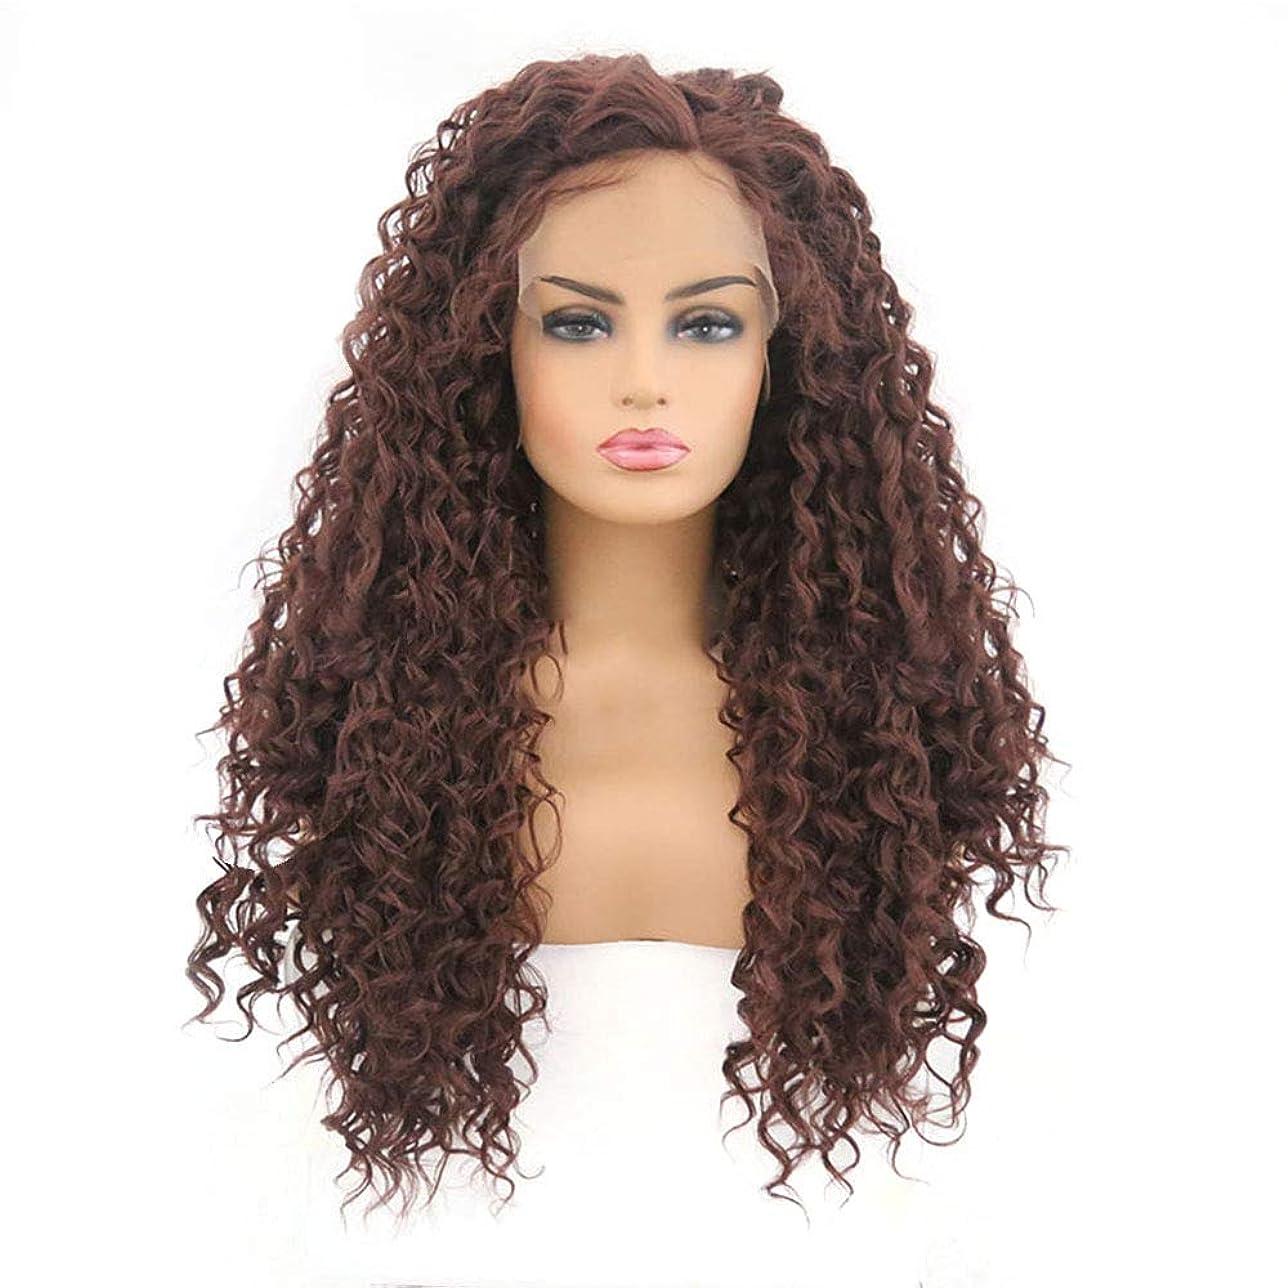 意味カフェ常習者Yrattary アフリカの小さな巻き毛のフロントレースかつら茶色の小さな波長い髪のかつら合成髪のレースのかつらロールプレイングかつら (色 : ブラウン, サイズ : 18 inches)